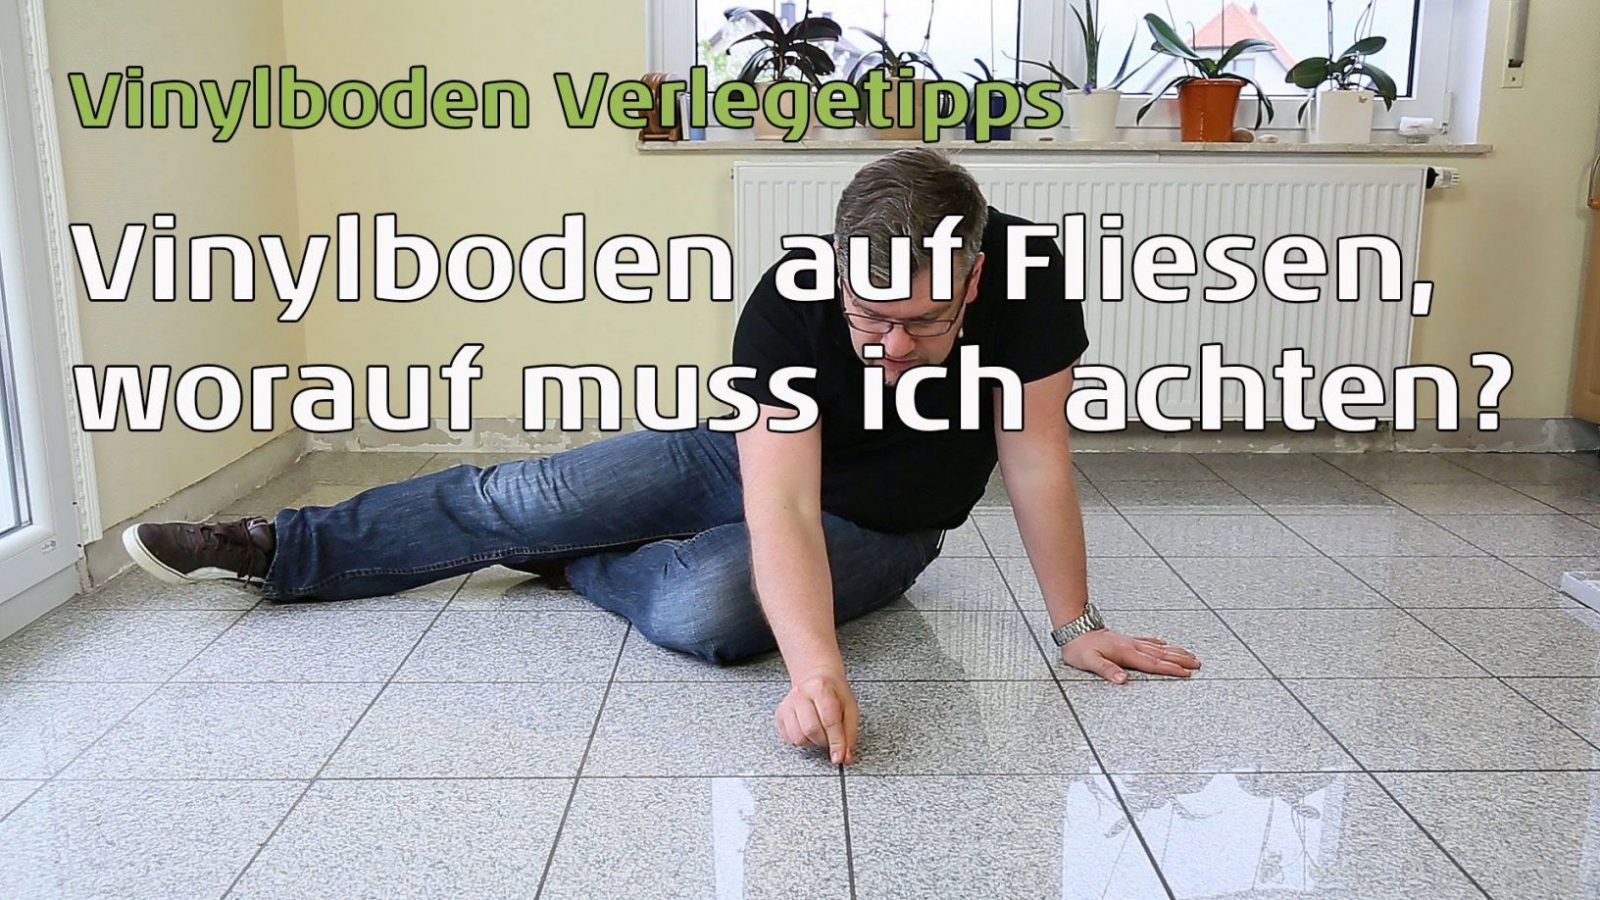 Vinylboden Auf Fliesen Verlegen Wie Breit Und Tief Darf Die Fuge von Vinylboden Auf Fliesen Mit Fussbodenheizung Verlegen Bild